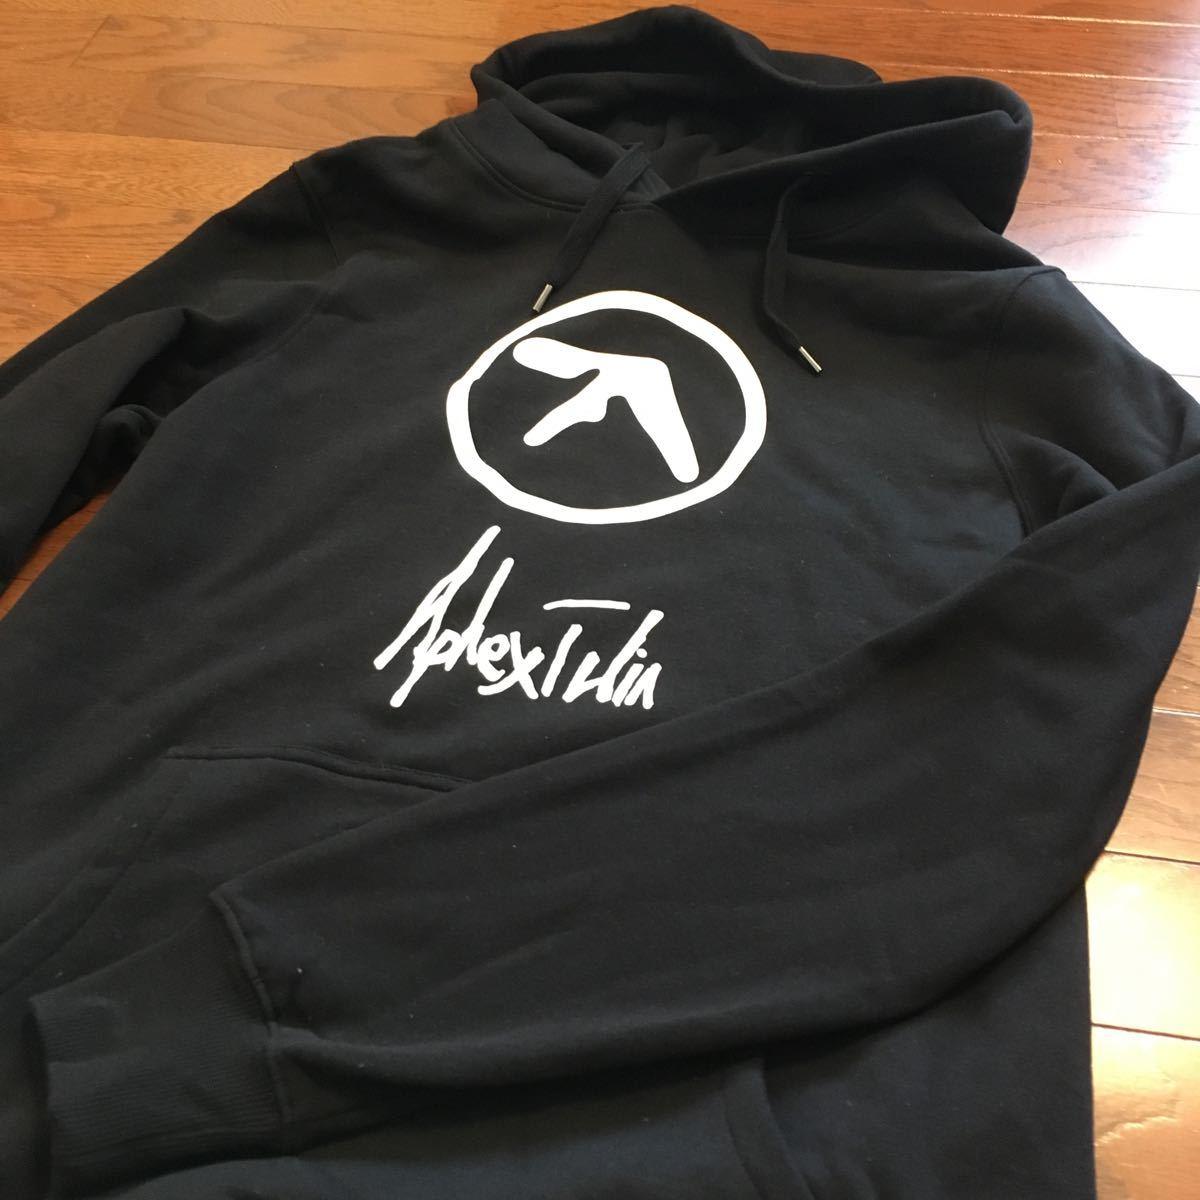 Aphex Twin エイフェックスツイン スウェットパーカー Mサイズ 公式グッズ 海外公式サイト購入_画像2